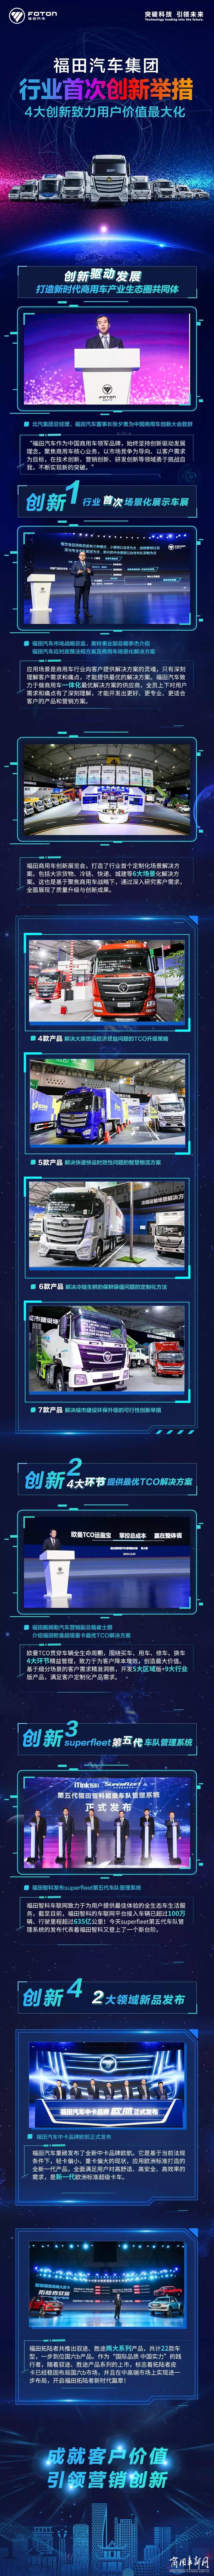 行业首次创新举措 福田汽车4大创新致力用户价值最大化